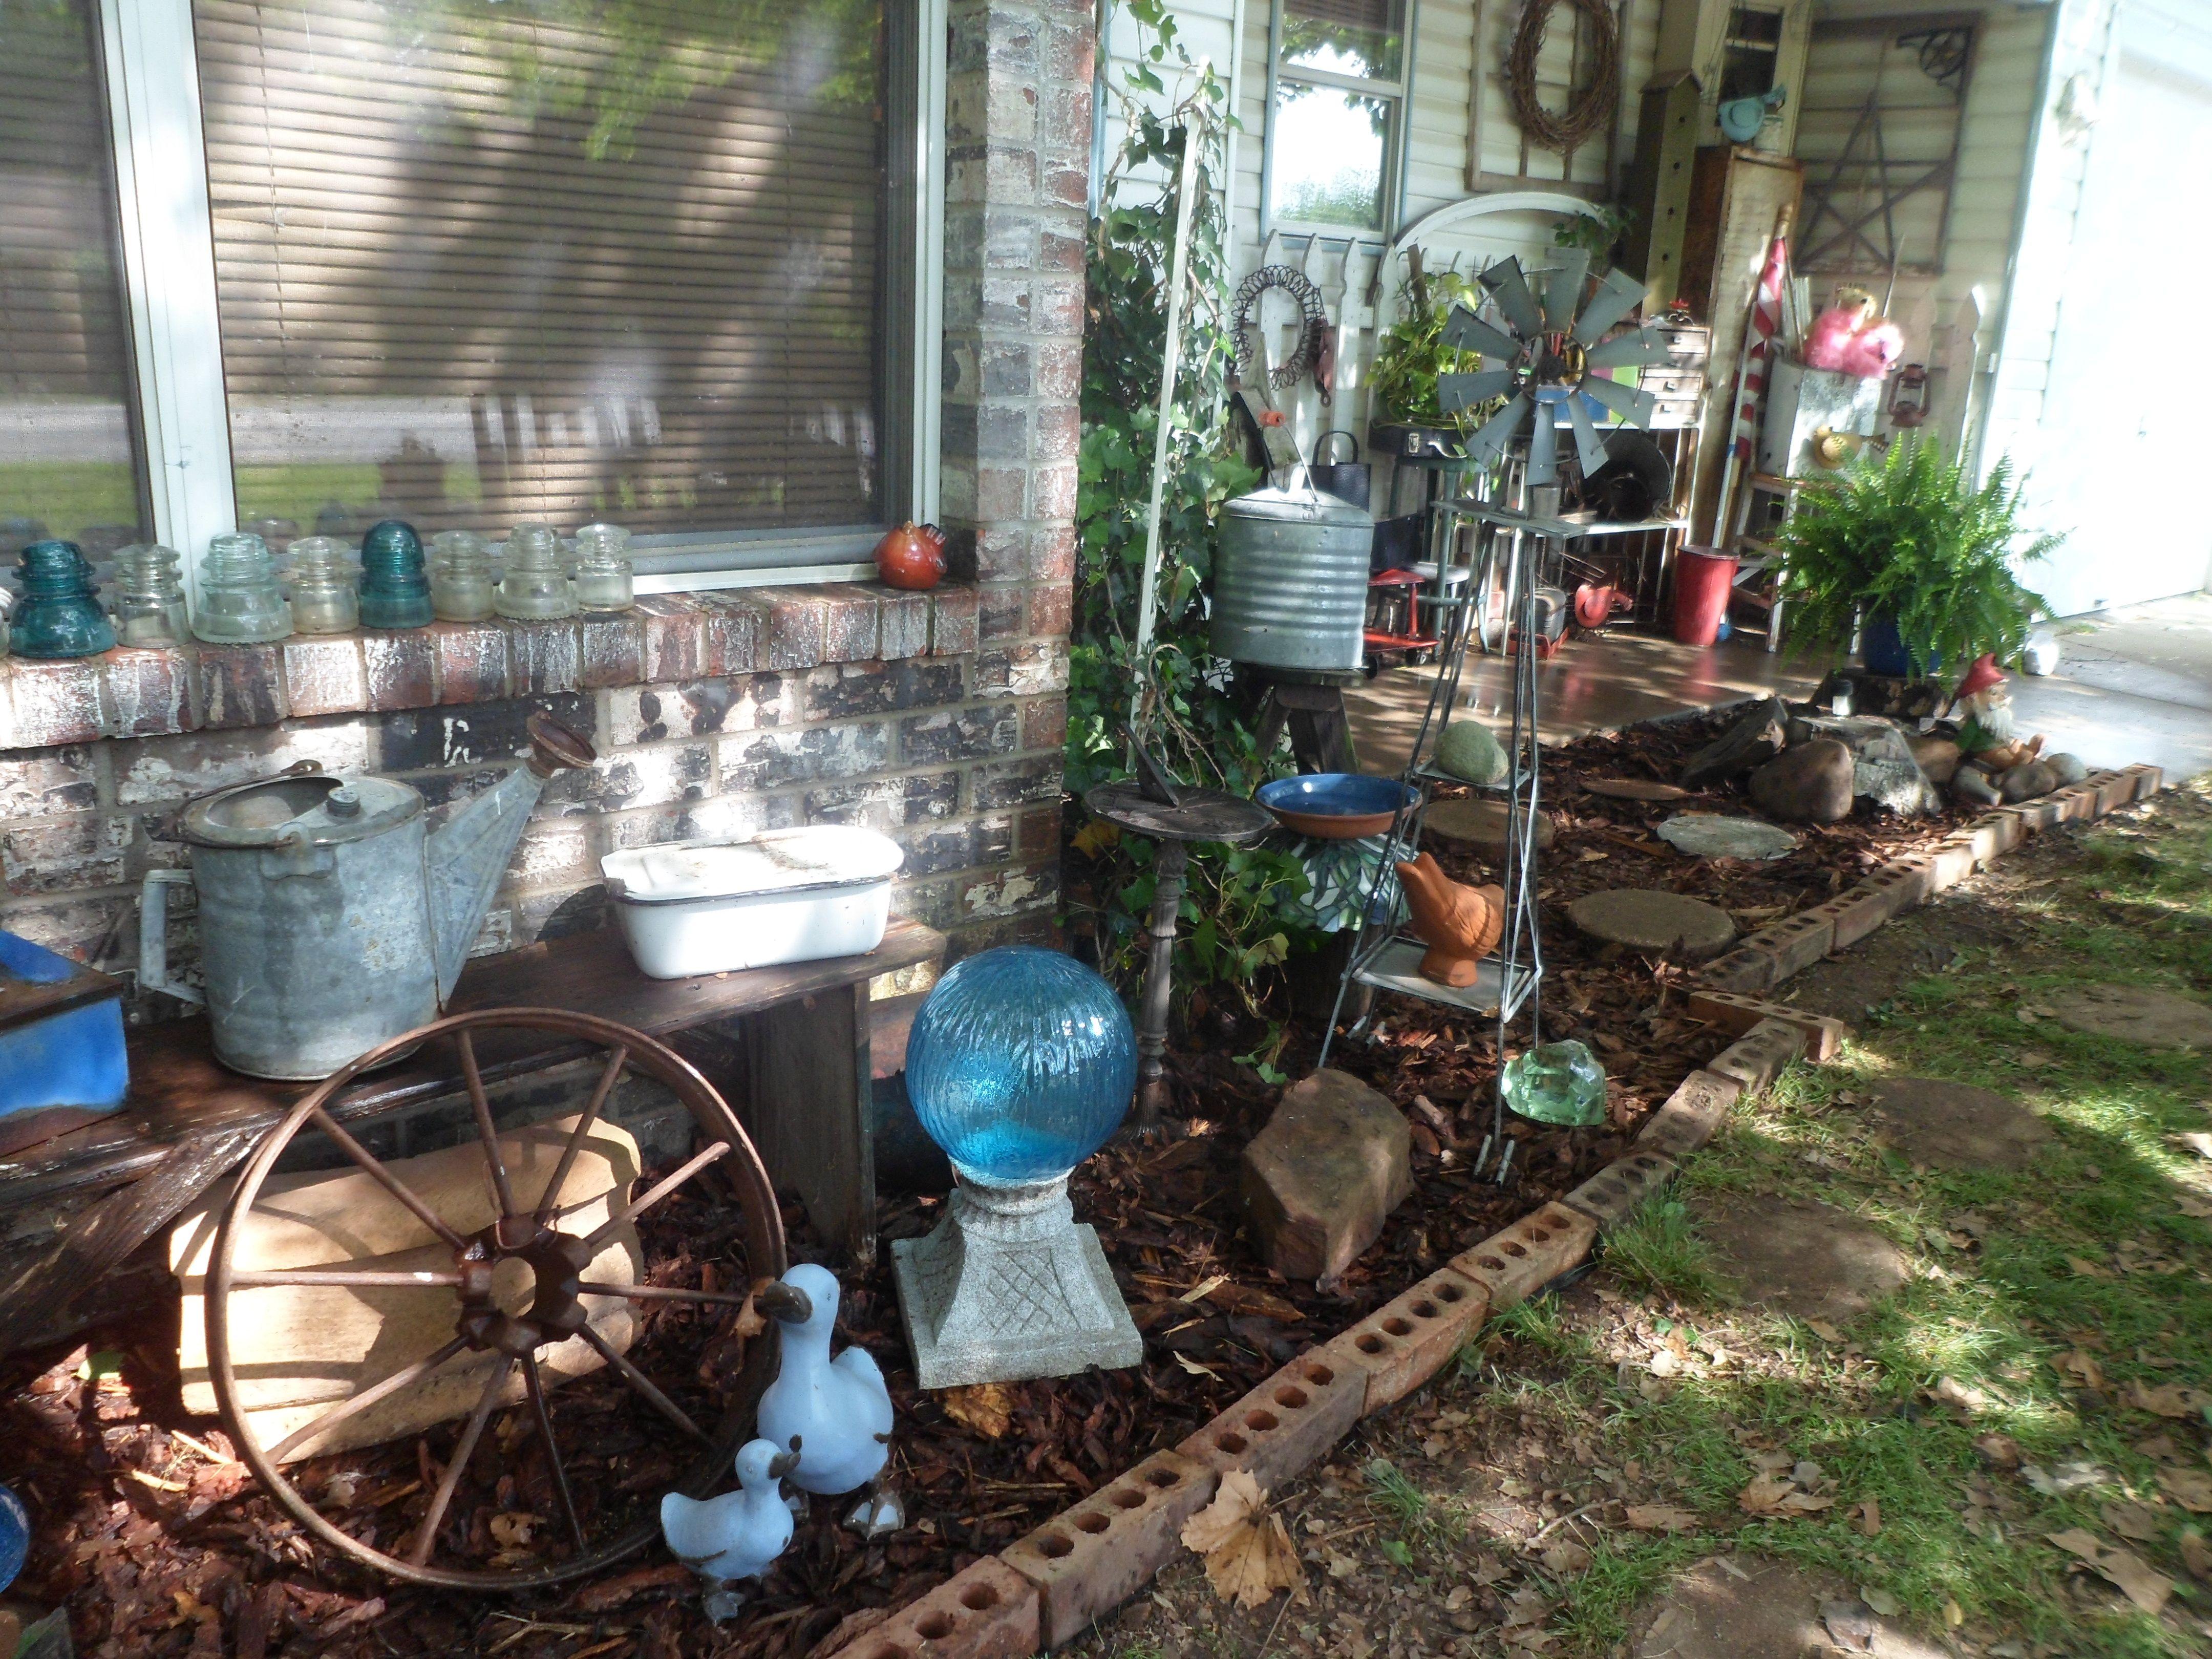 Pinterest garden junk ideas photograph garden and yard jun Home decorating ideas using junk